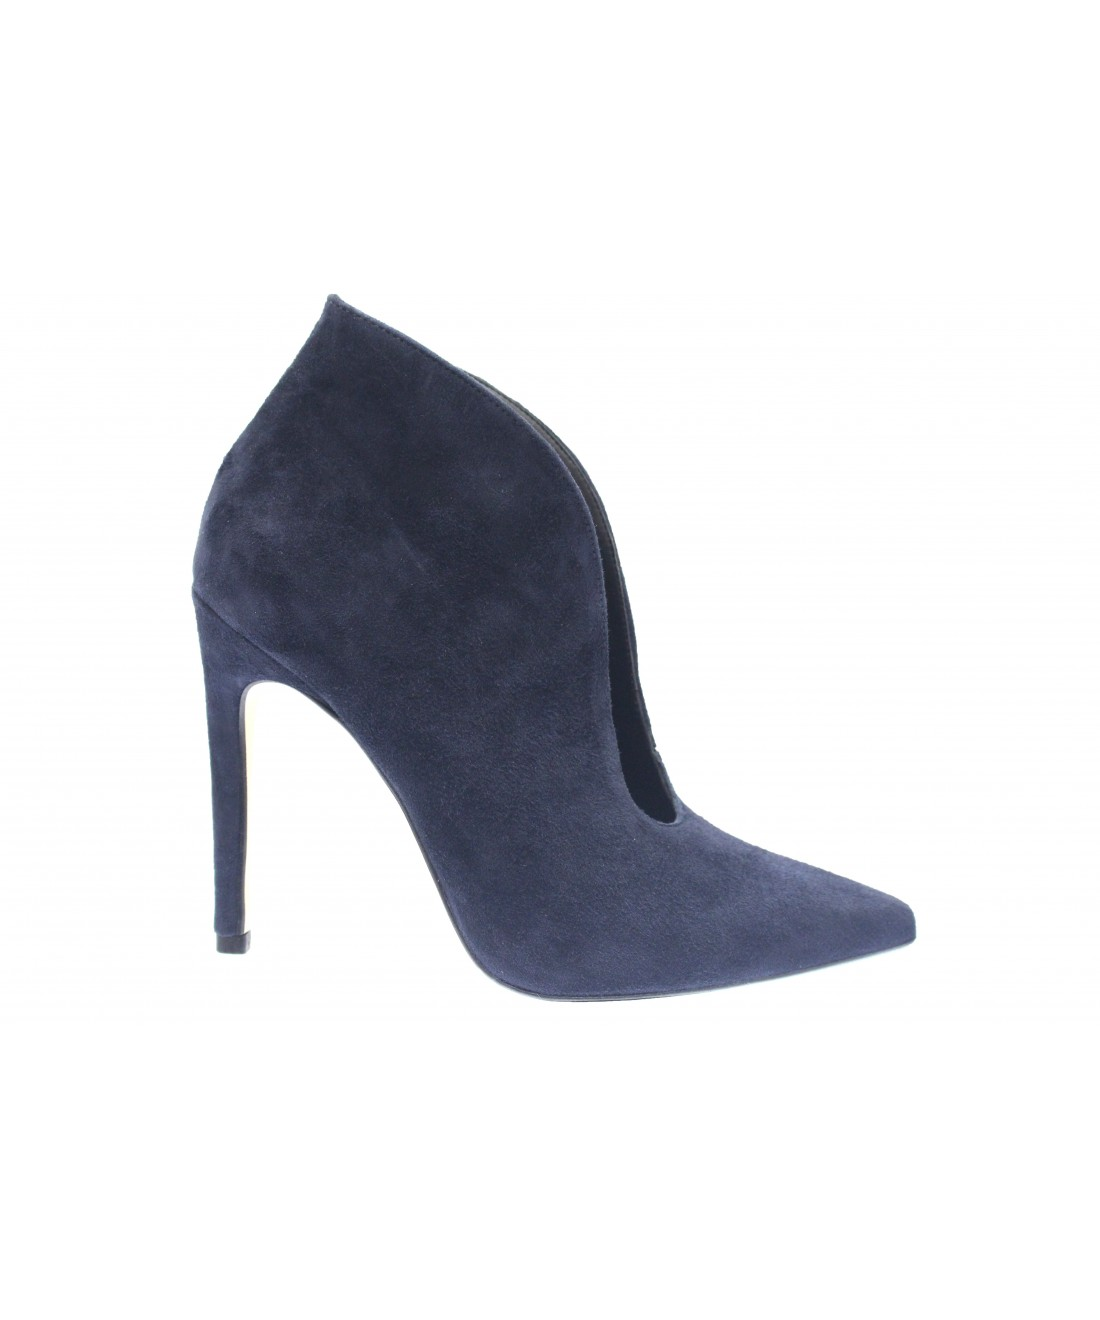 magasin design distinctif boutique pour officiel L'escarpin bottine femme OSMOSE shoes daim bleu marine à ...